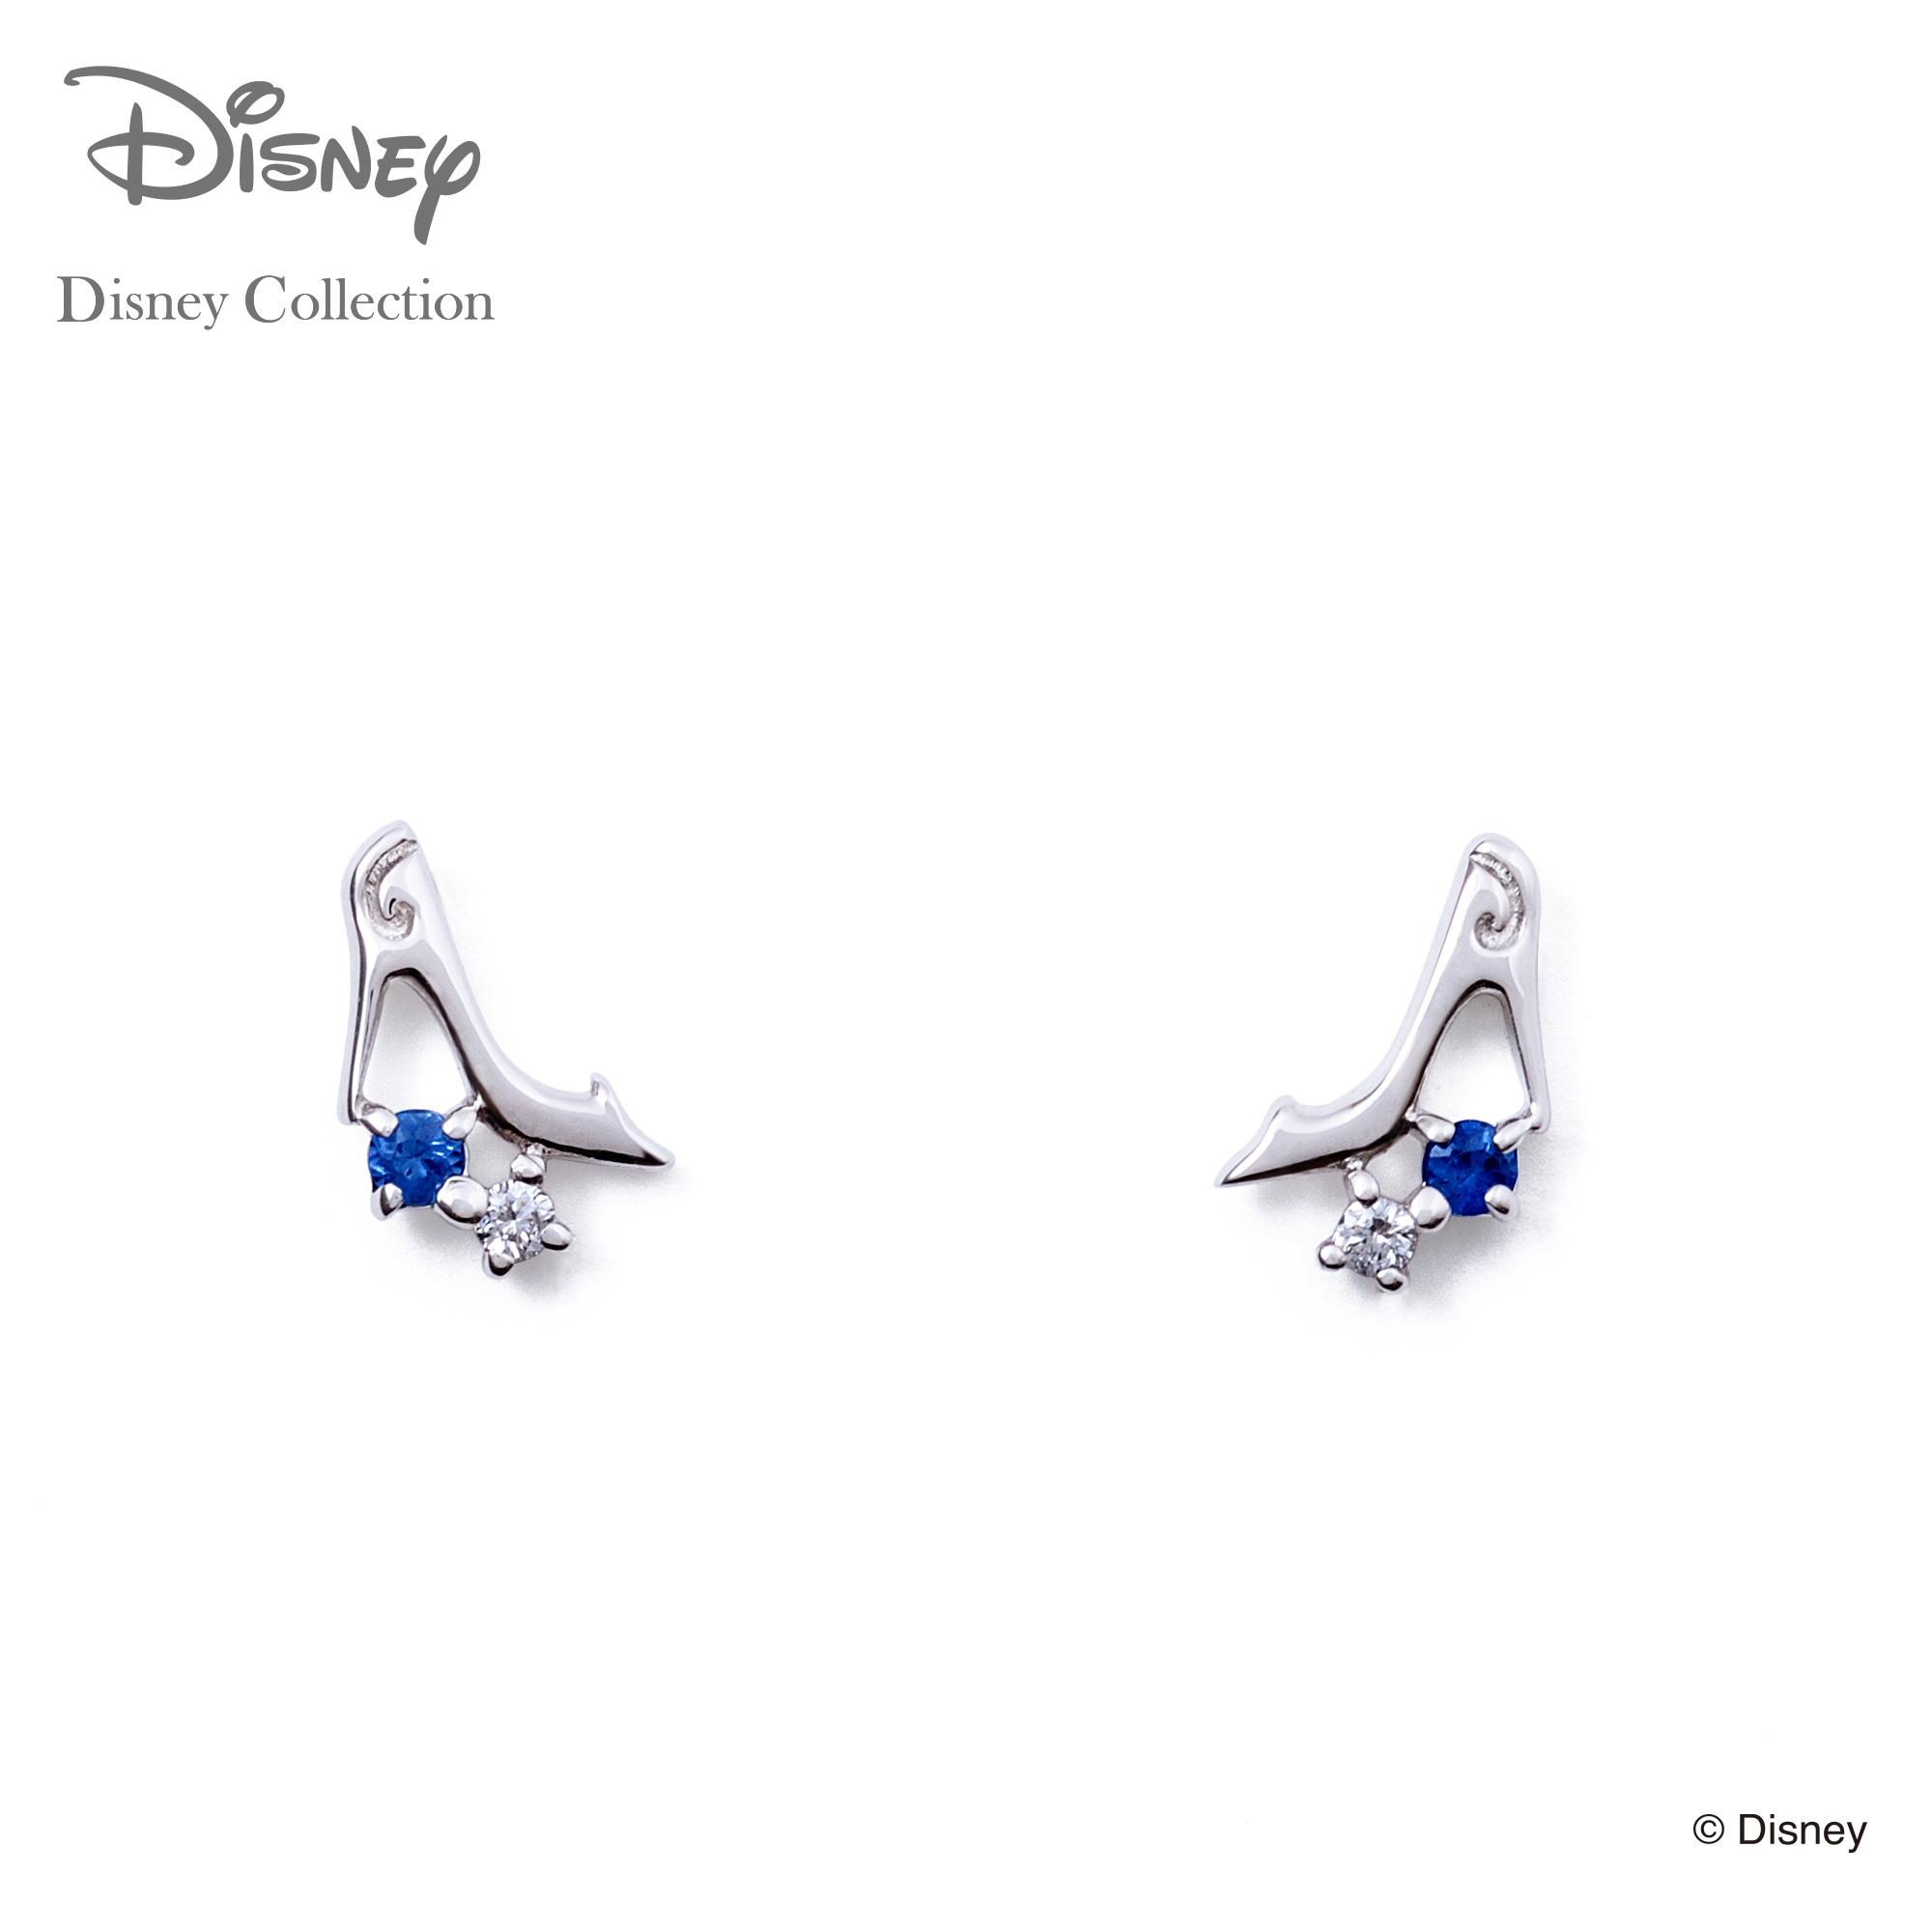 【あす楽対応】【ディズニーコレクション】 ディズニー / ピアス / ディズニープリンセス シンデレラ / THE KISS ピアス K10 ホワイトゴールド ダイヤモンド (レディース) DI-WPE1800SP ザキス 【送料無料】